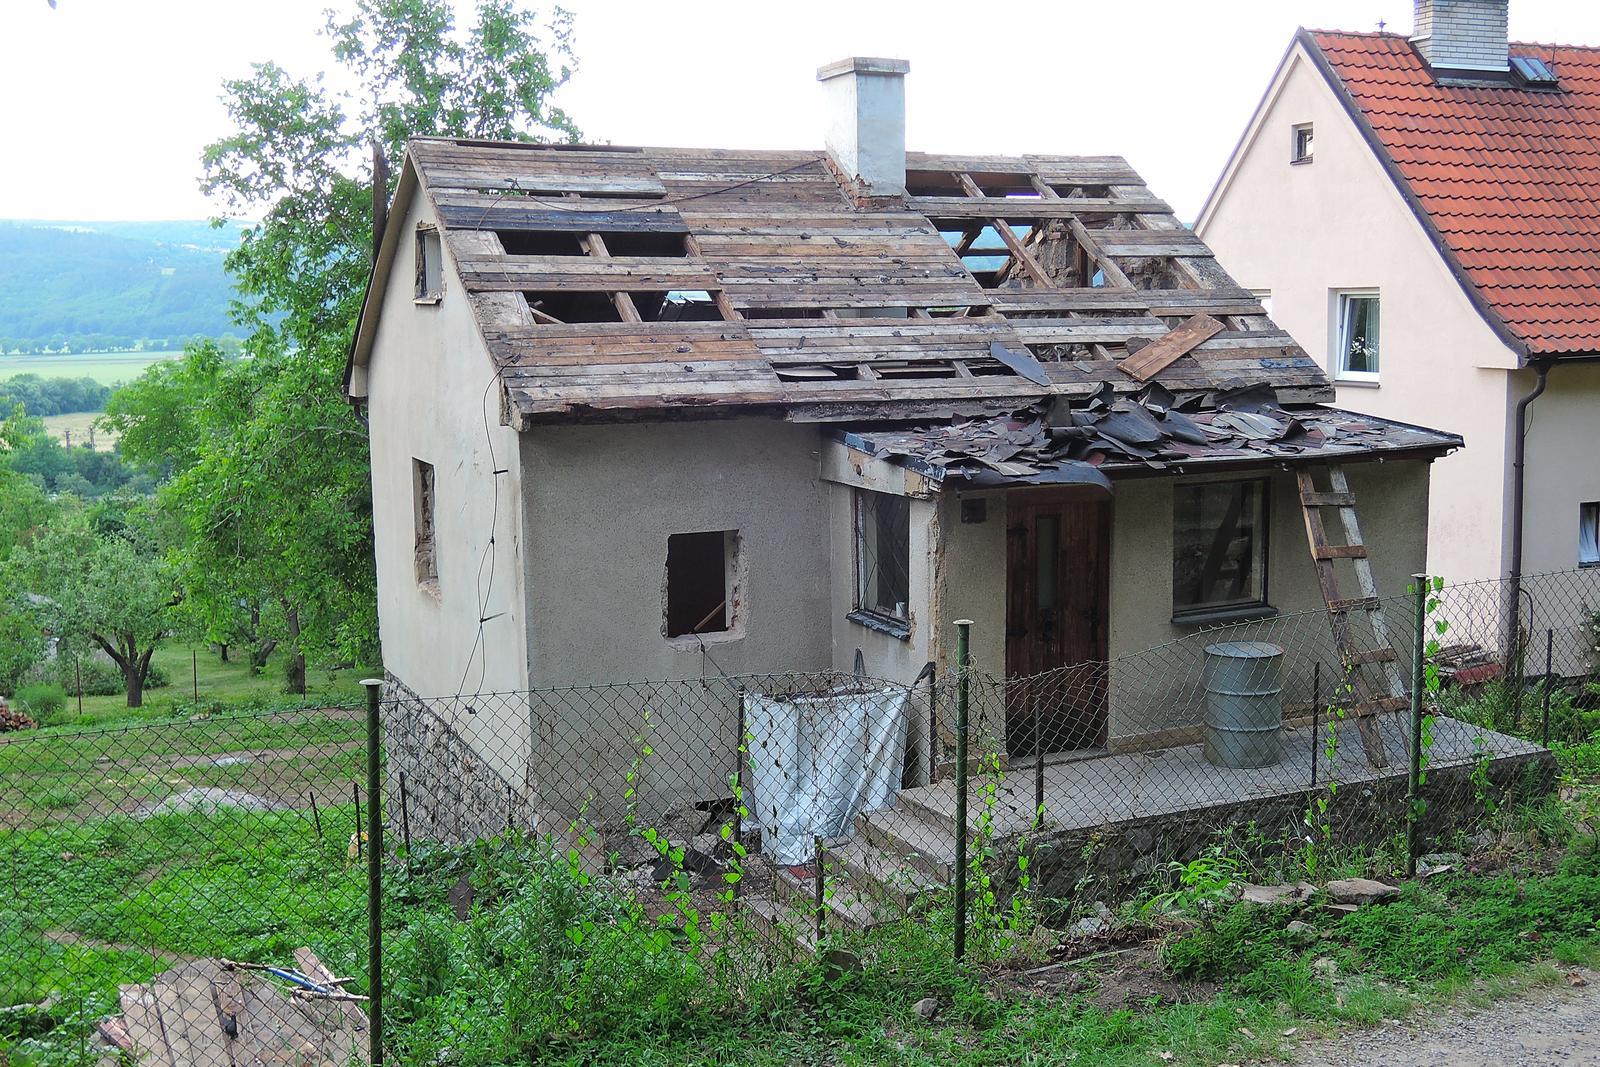 Stavba našeho bungalovu ve svahu - Obrázek č. 7